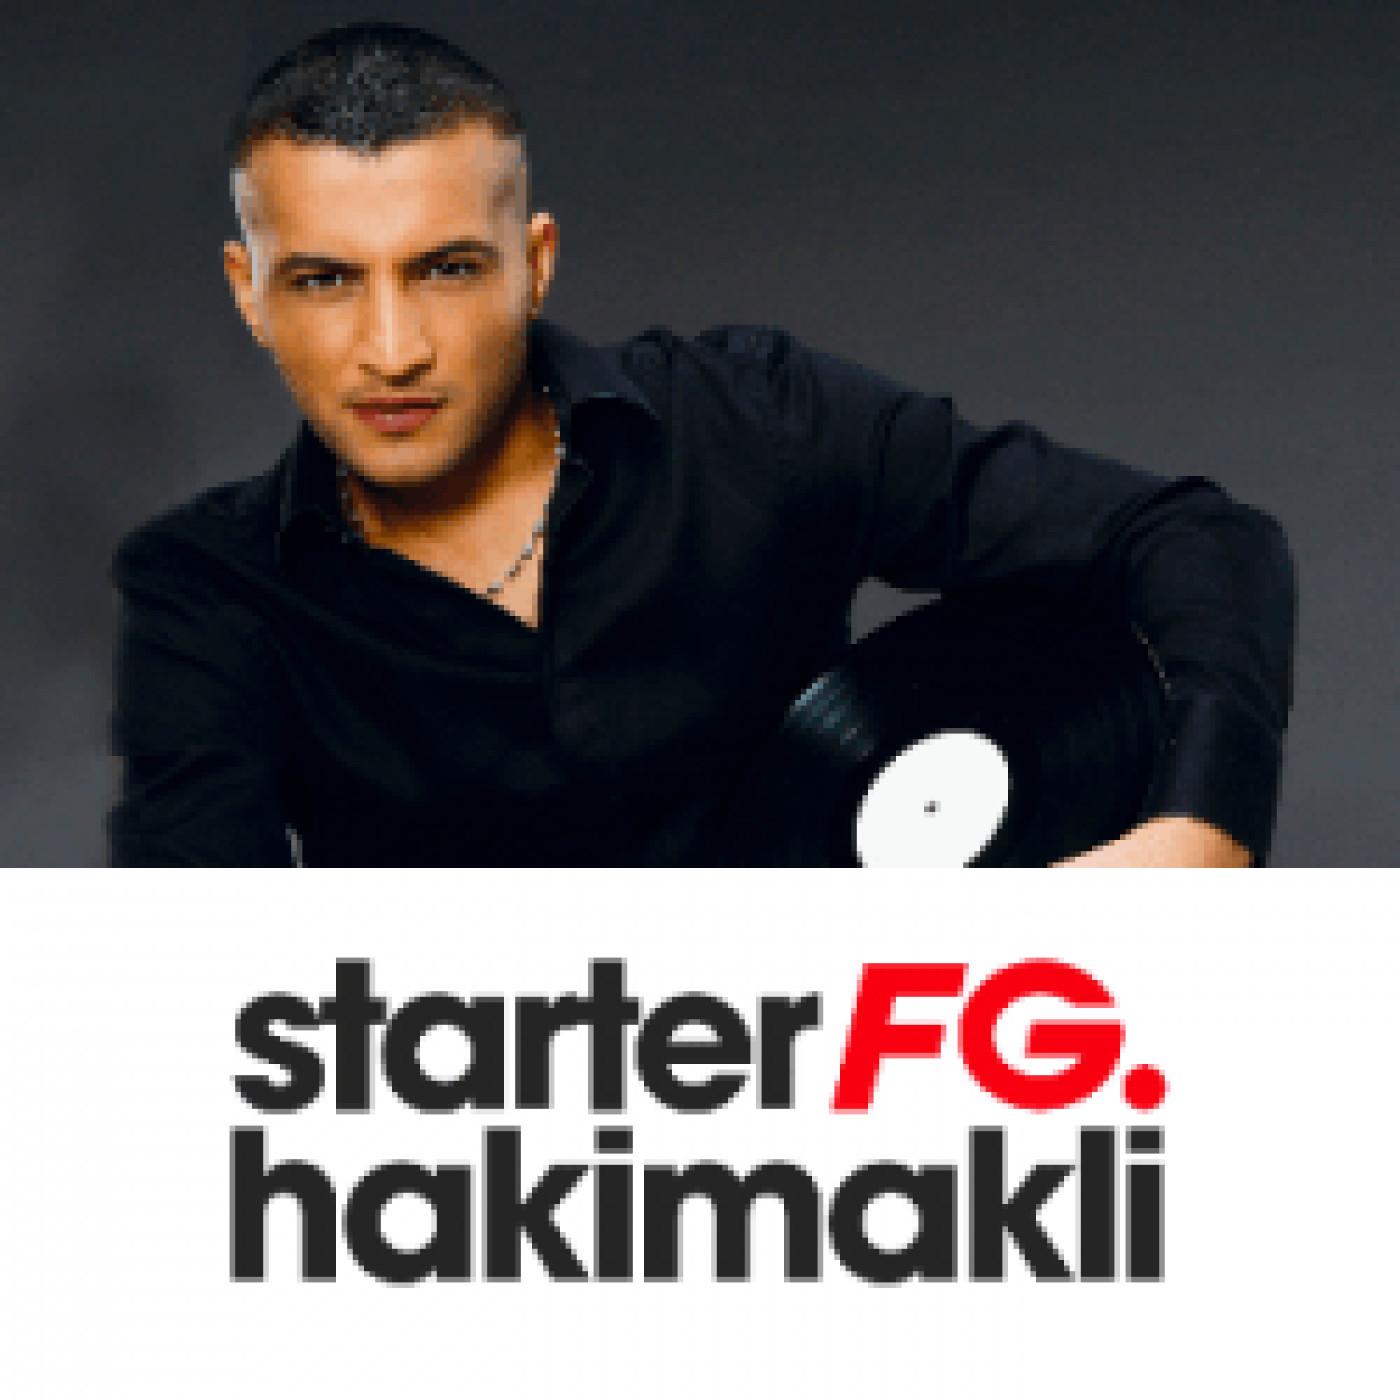 STARTER FG BY HAKIMAKLI JEUDI 29 OCTOBRE 2020